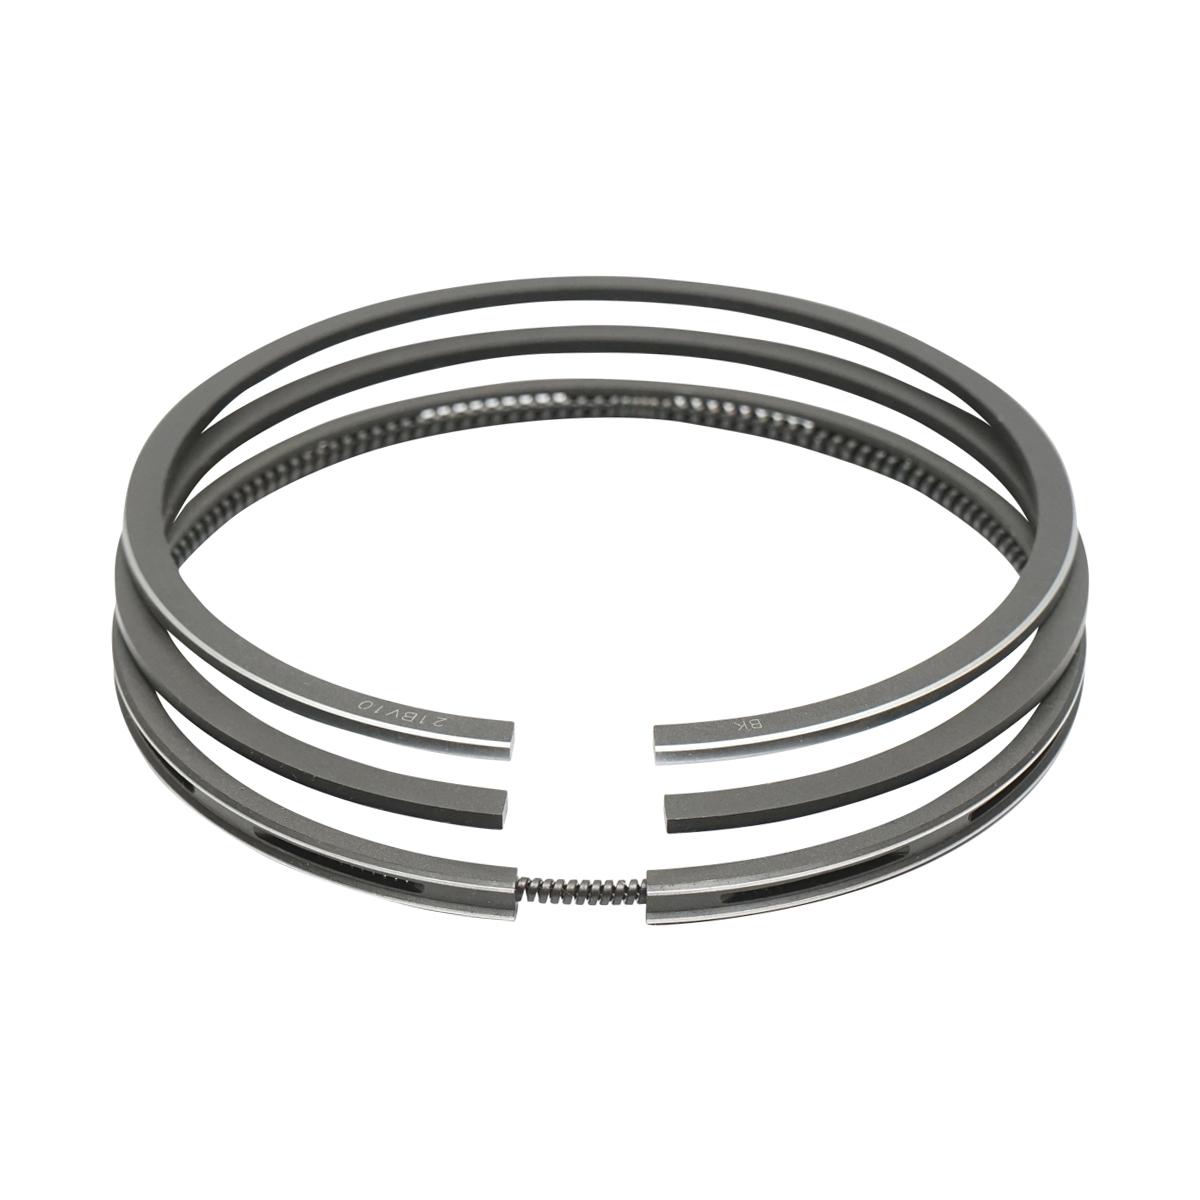 Segmenti motor Saviem, FIAT, fi 102x3+2,5+2,5+5mm, Breckner Germany